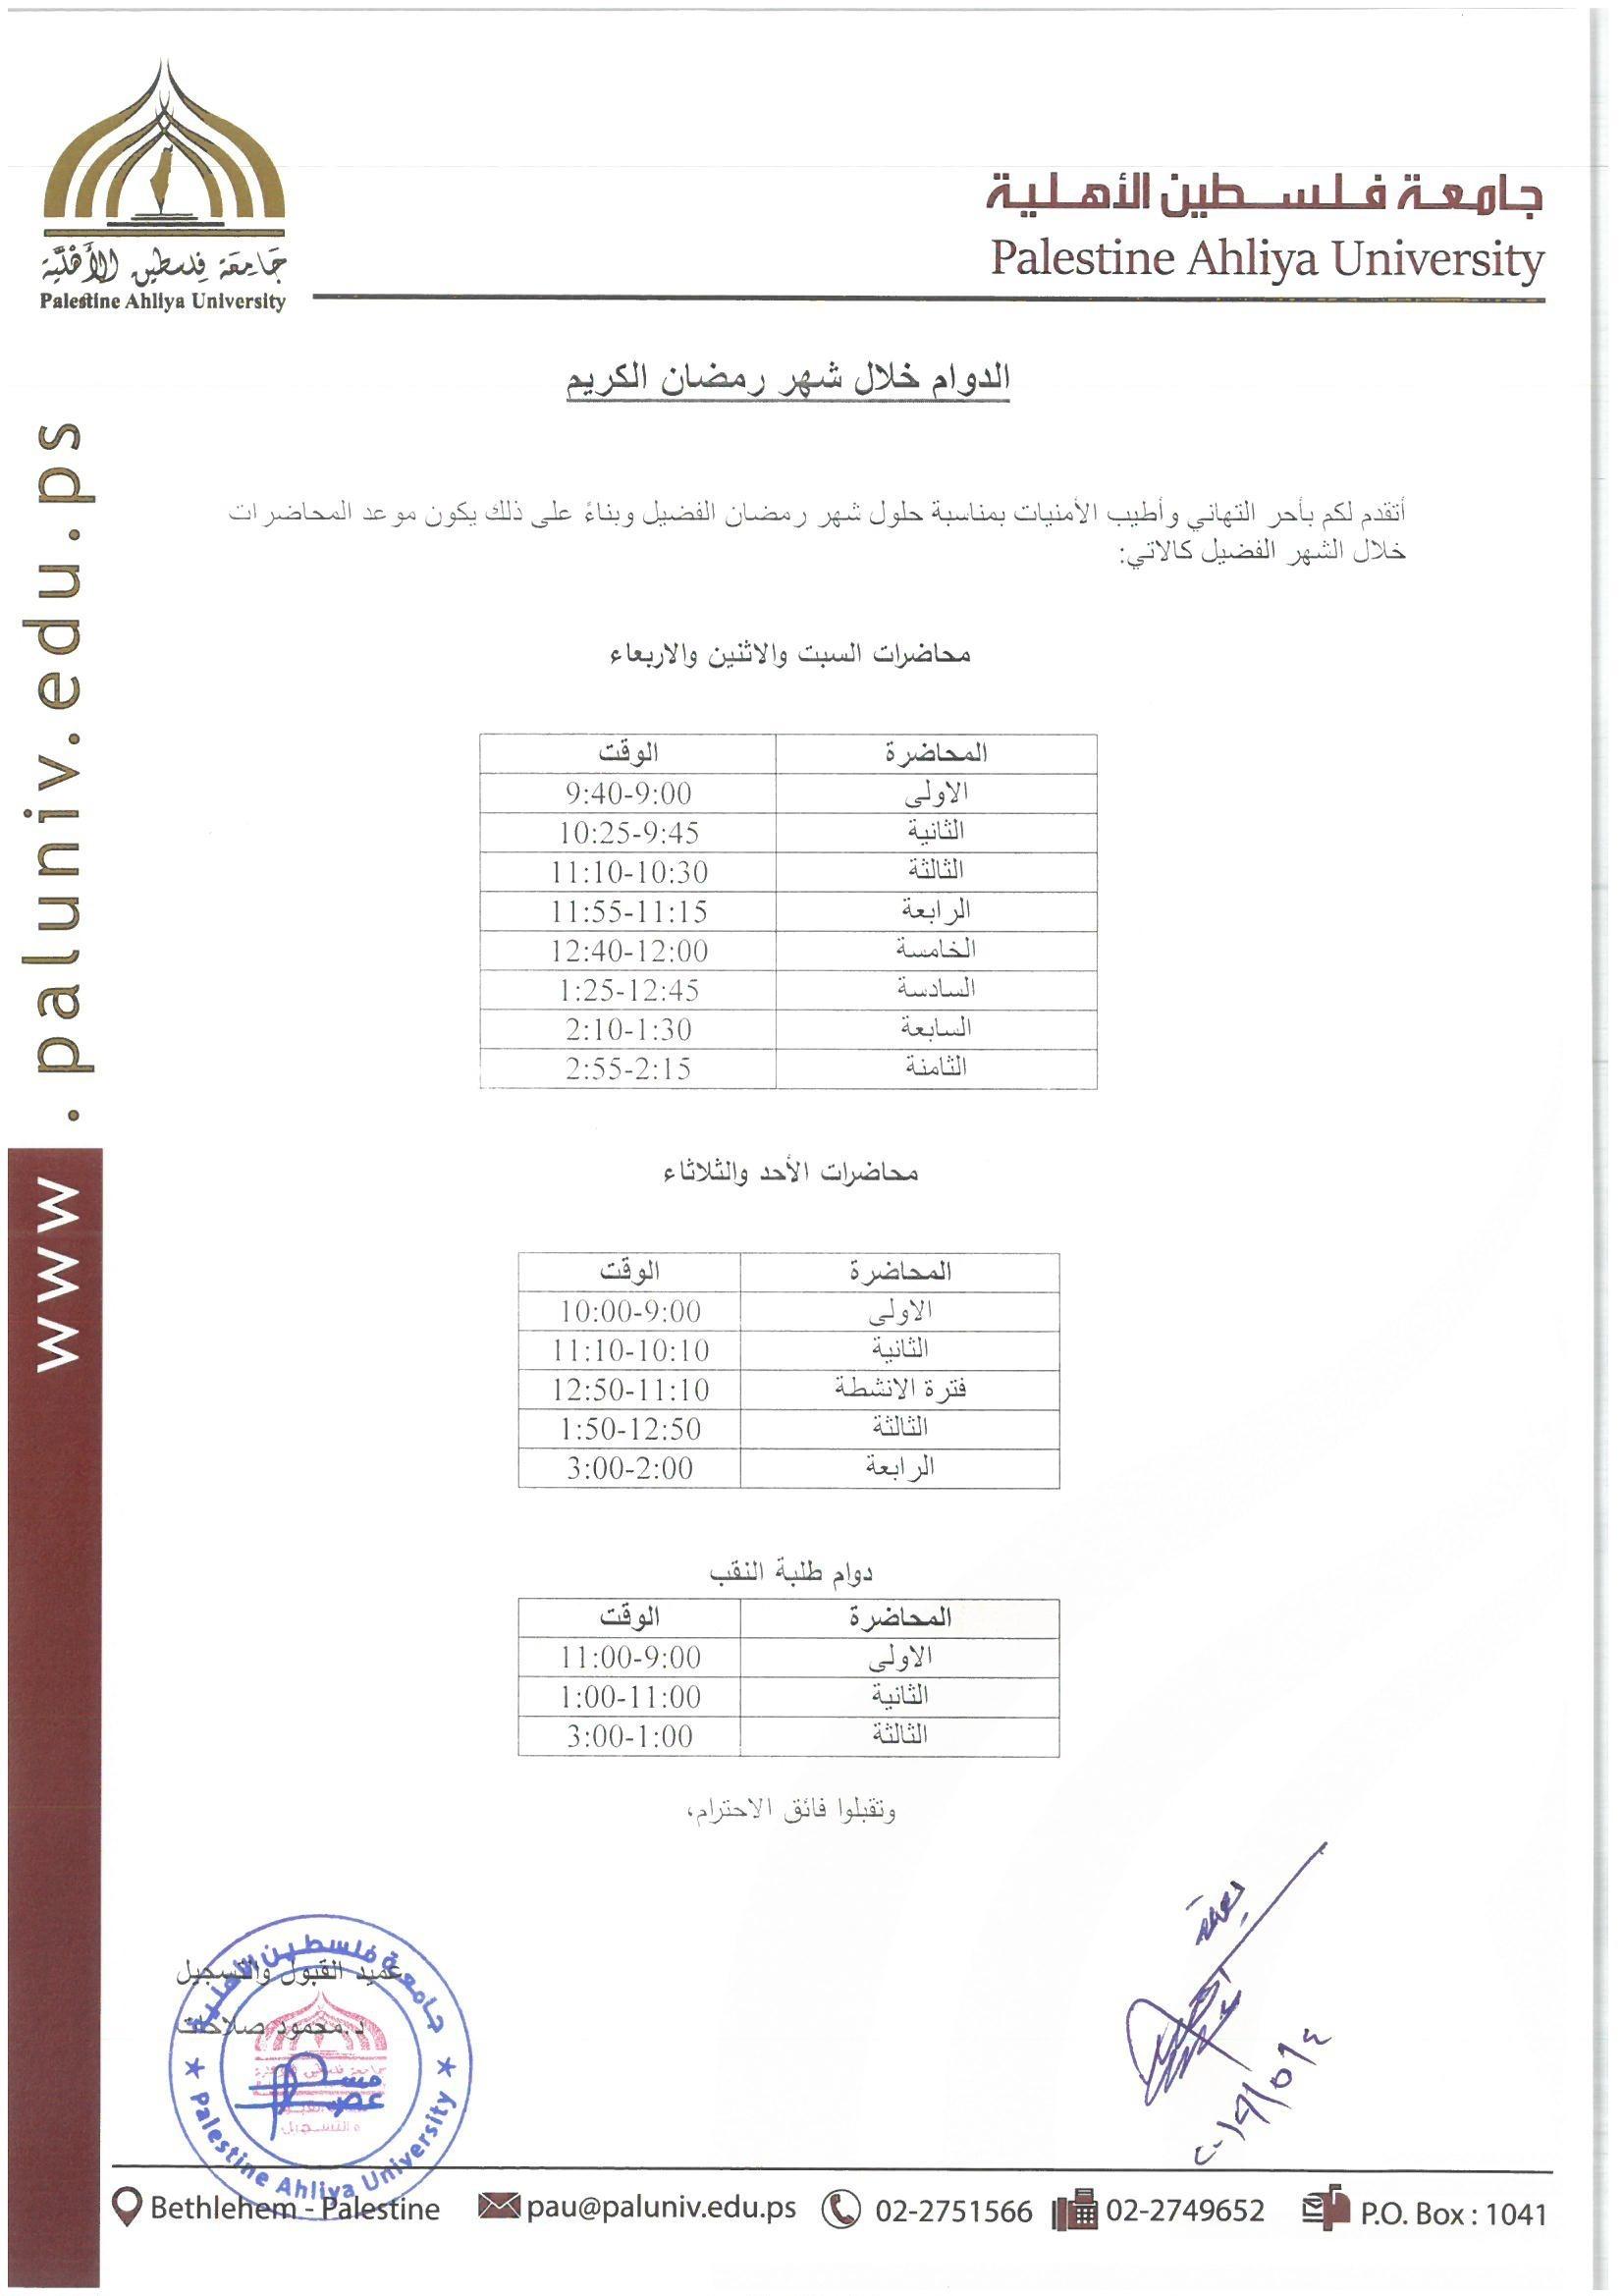 اعلان : موعد المحاضرات خلال شهر رمضان المبارك